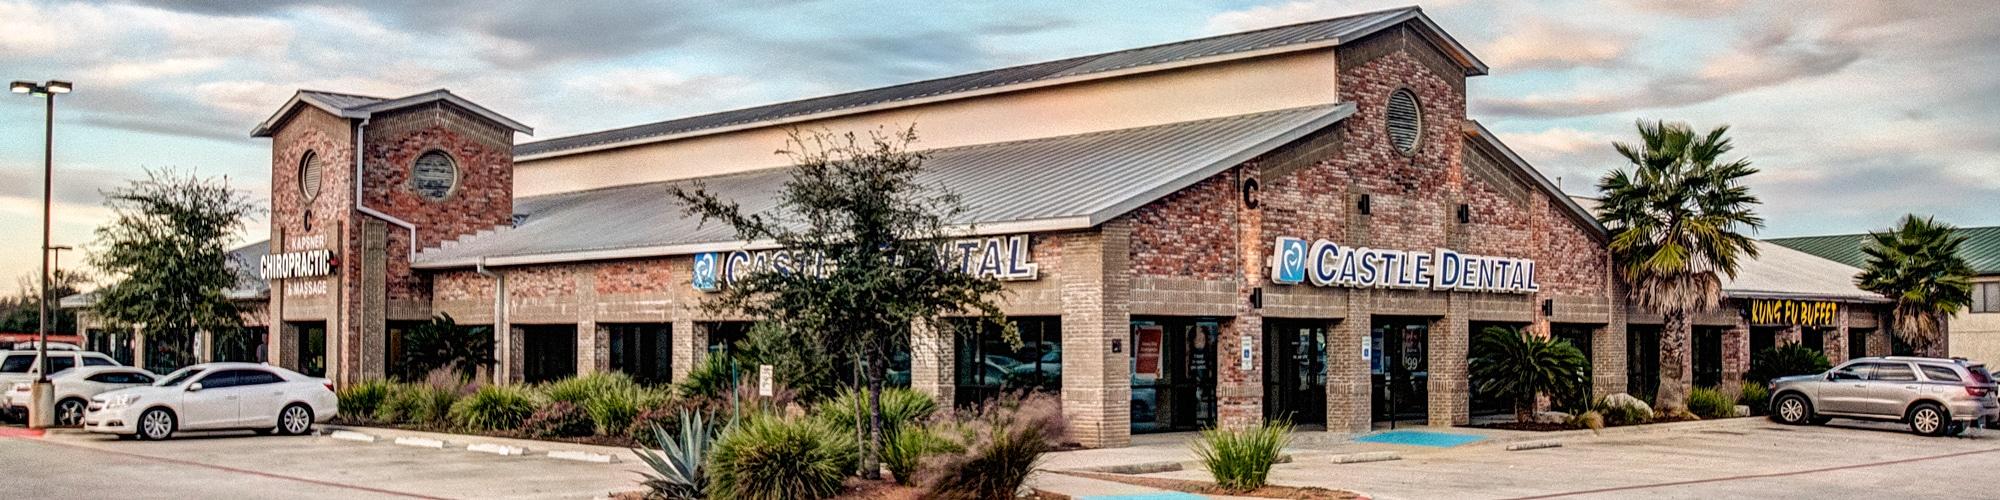 The Depot Center | 401 East Whitestone Boulevard in Cedar